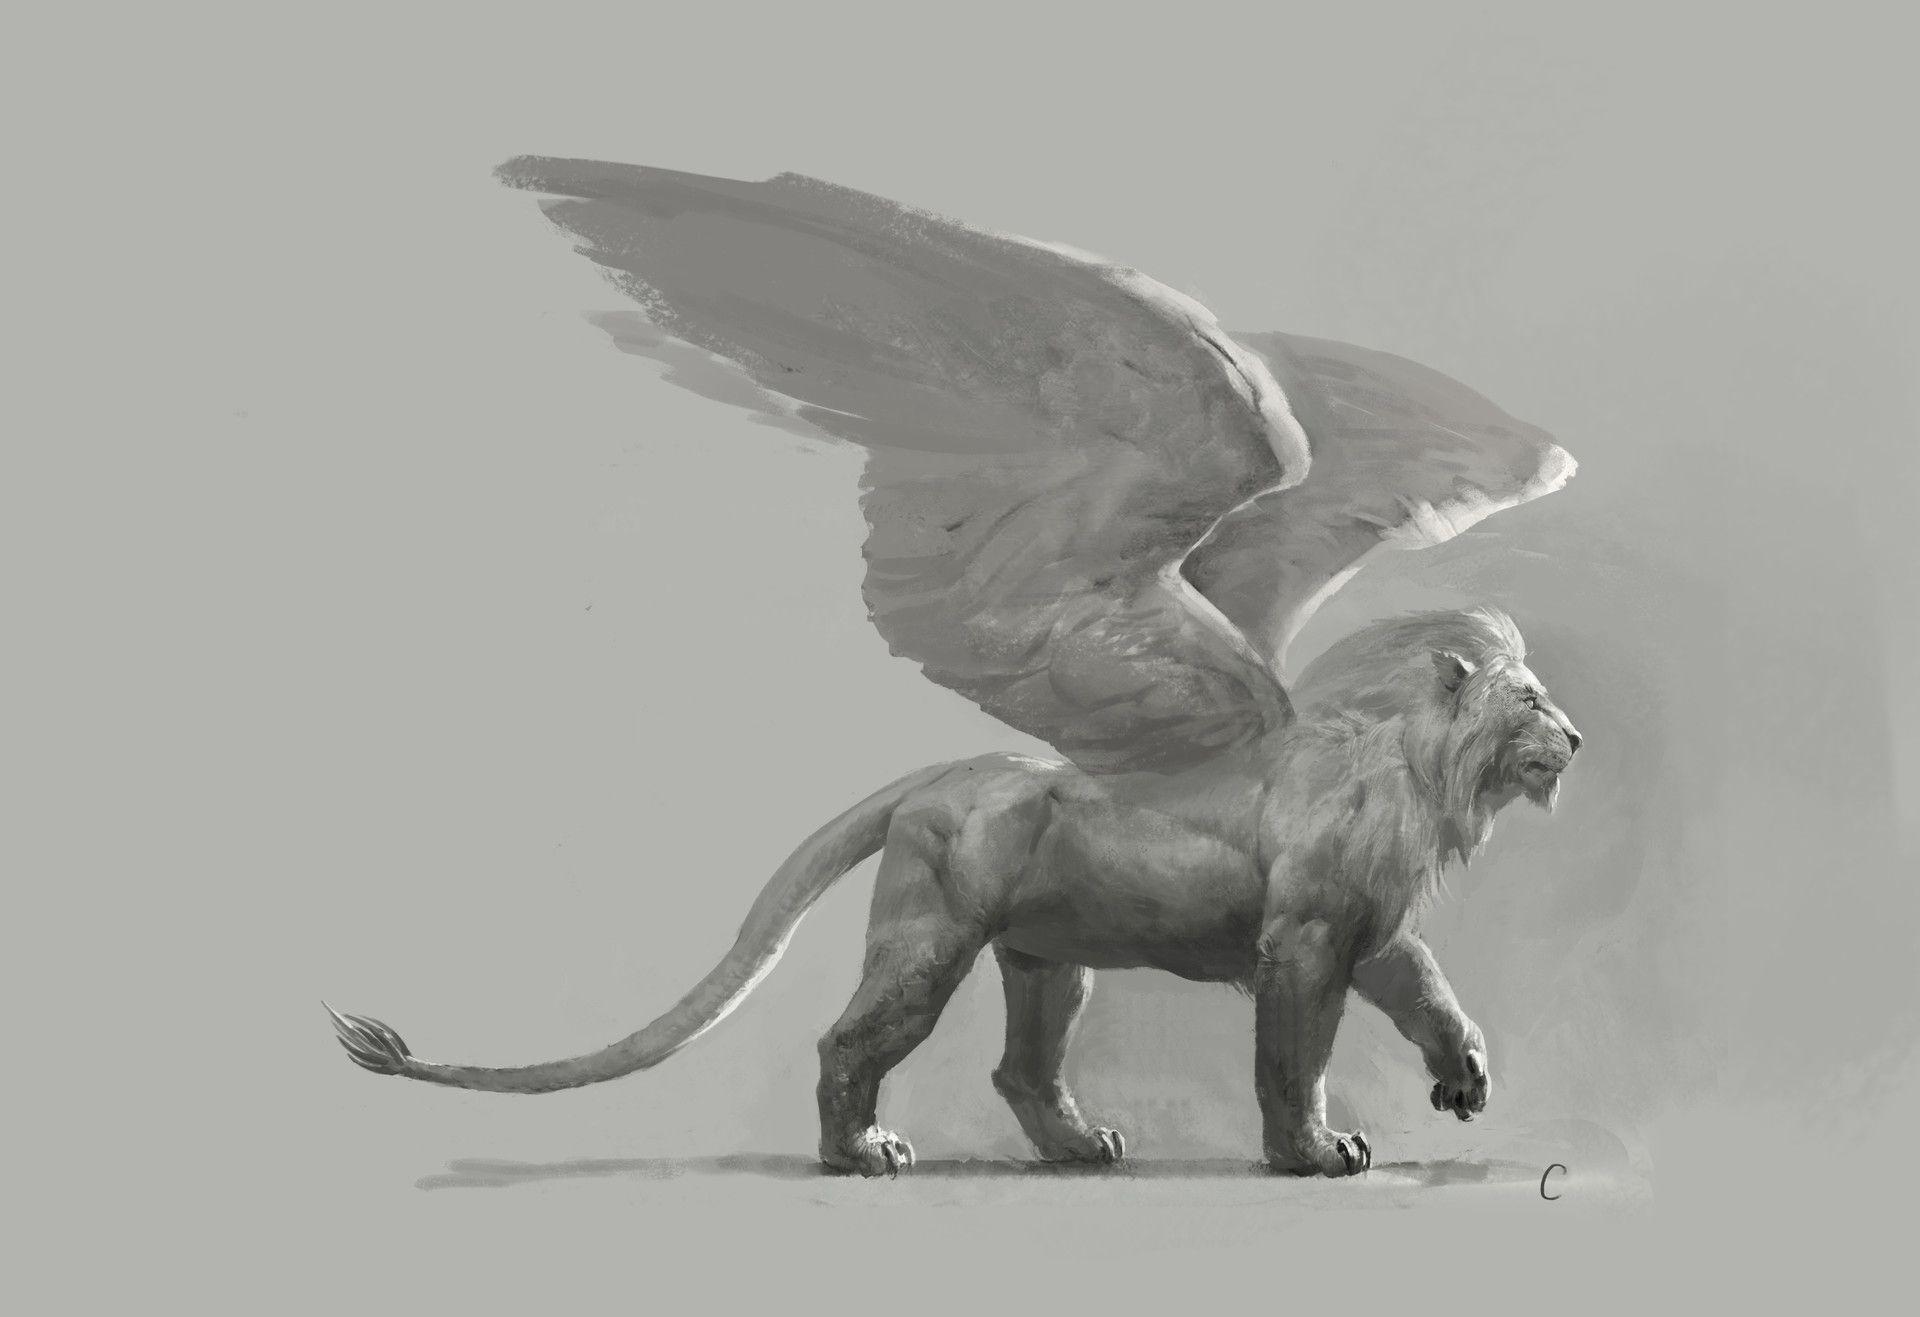 сейчас картинки львов с крыльями отличие остальных